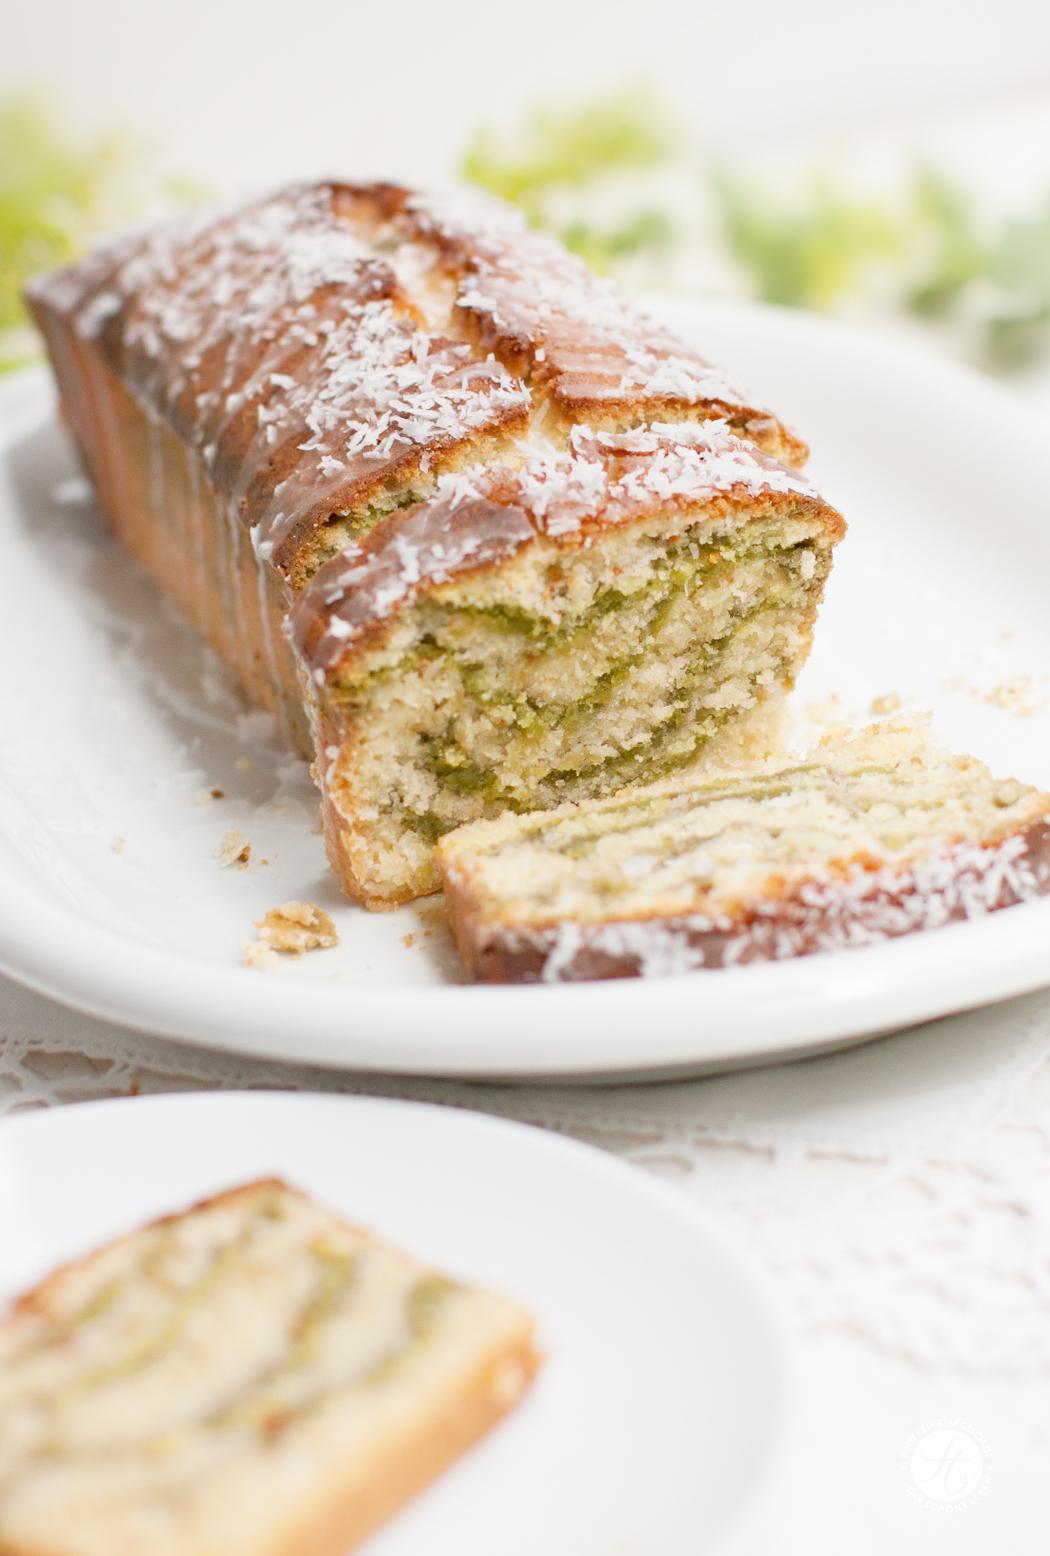 Rezept für Kokos-Matcha-Green-Zebra Kuchen, Rührkuchen #meetthegreenzebra #ichbacksmir